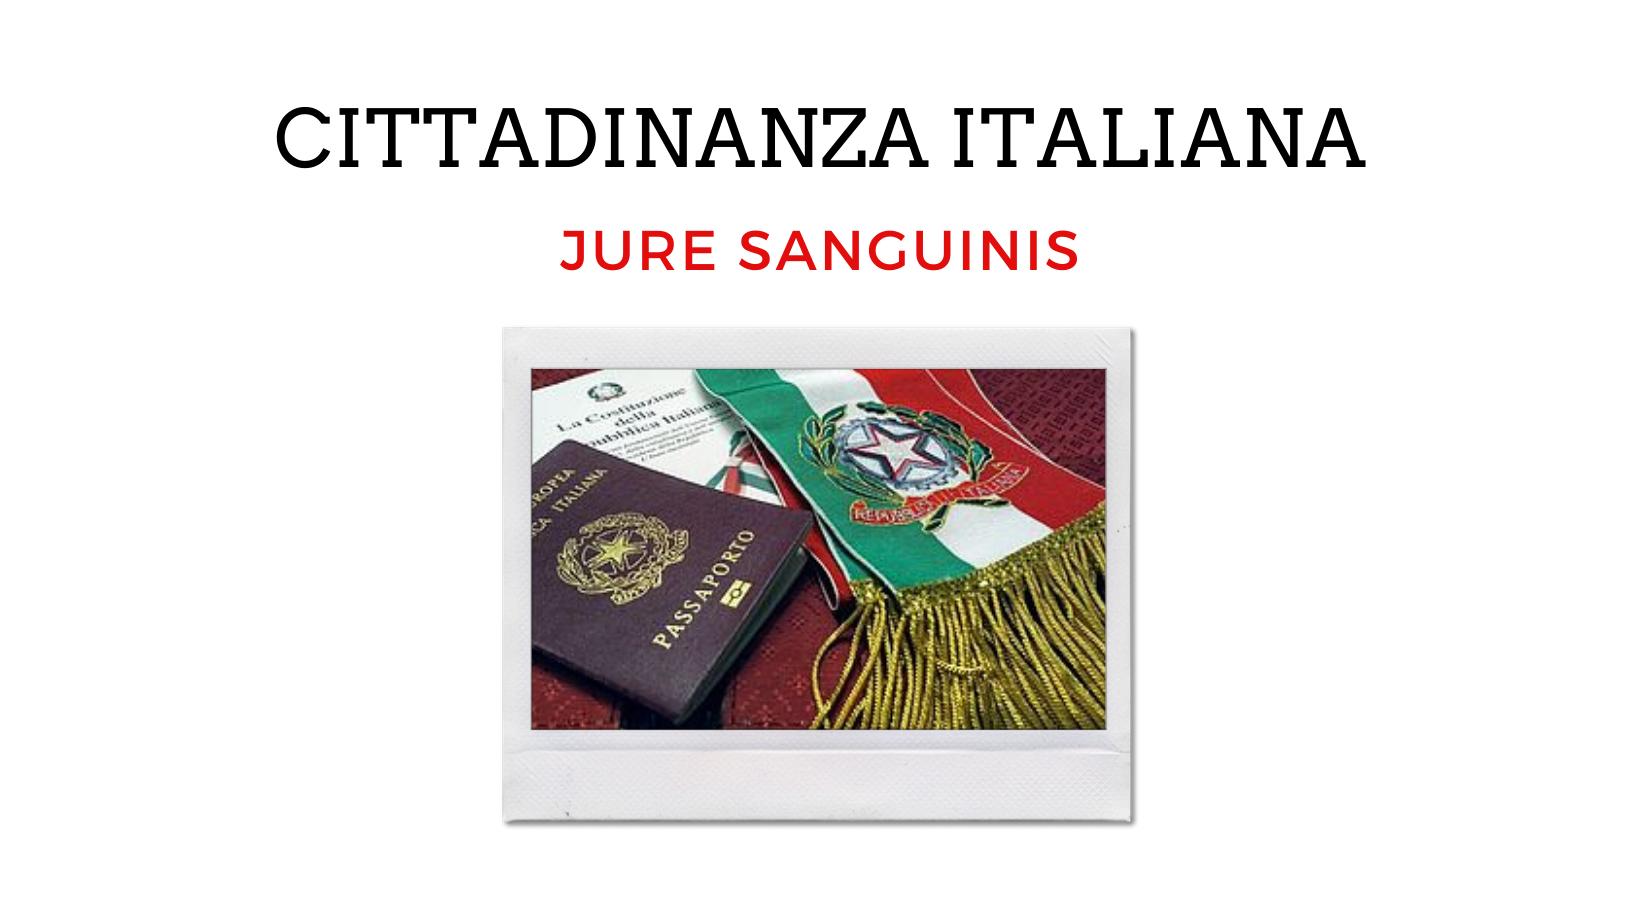 UFFICIO DI STATO CIVILE - CITTADINANZA ITALIANA JURE SANGUINIS